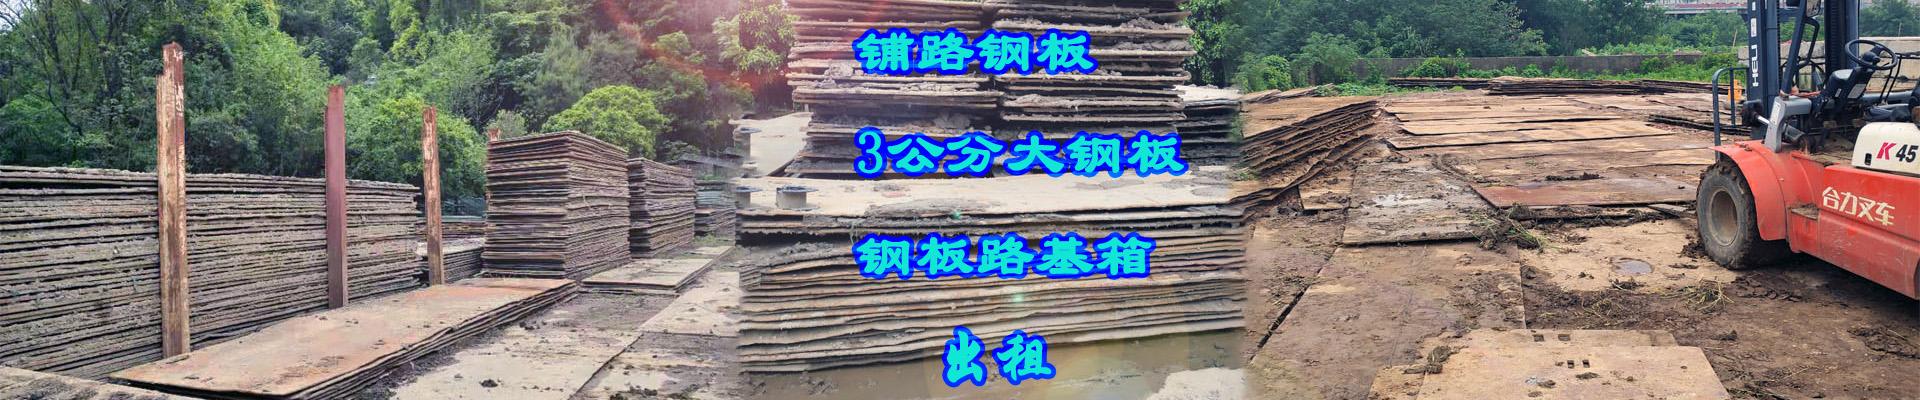 上海道之均基础建设ballbet贝博app下载ios公司介绍